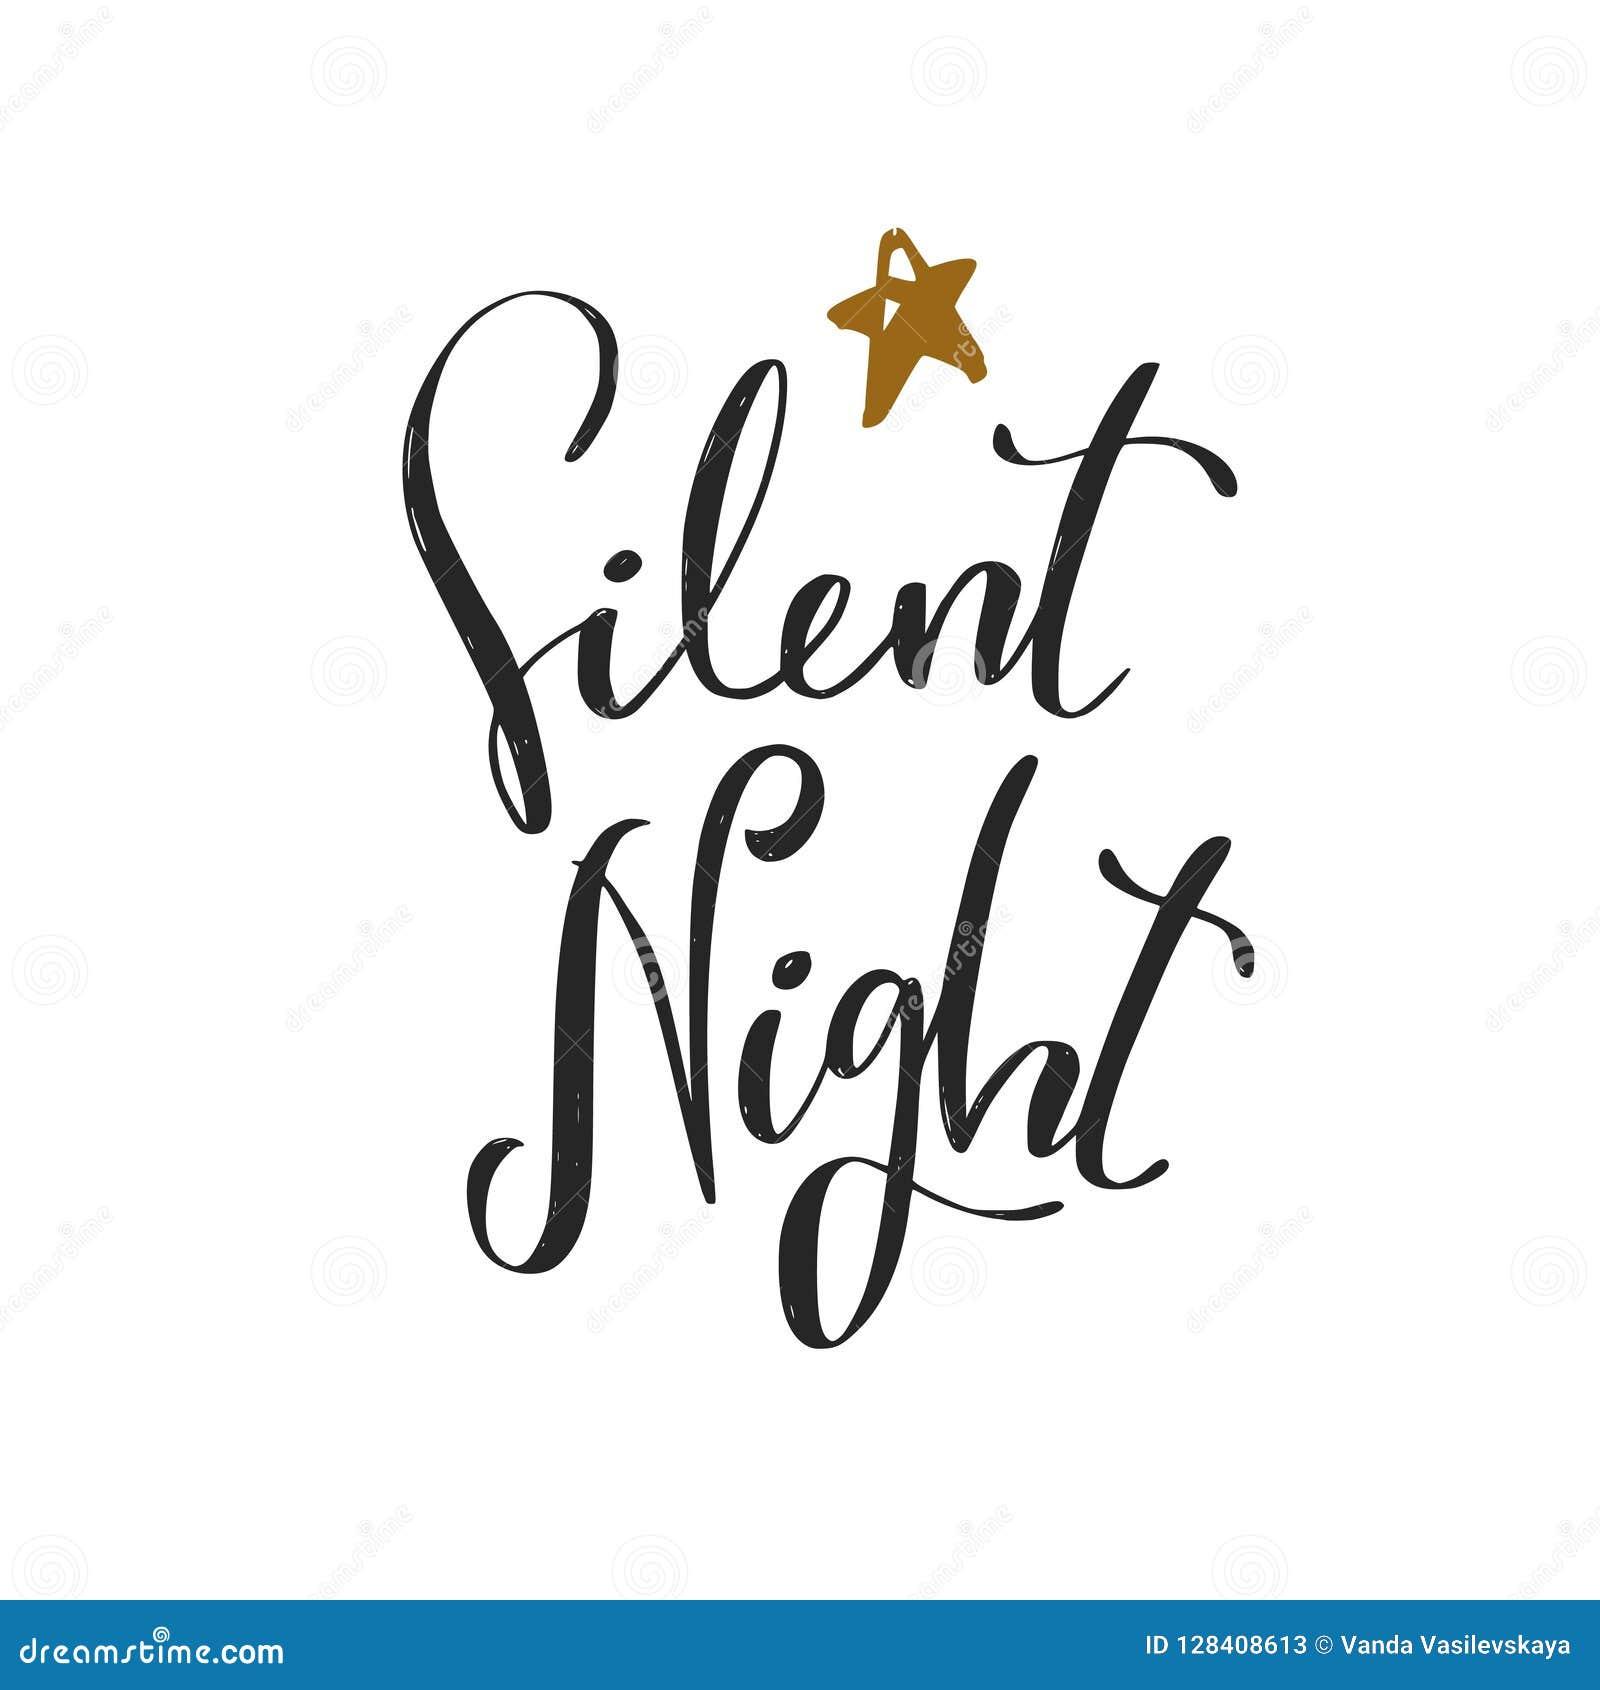 Noche Silenciosa Frase De La Caligrafía De La Navidad Y Del